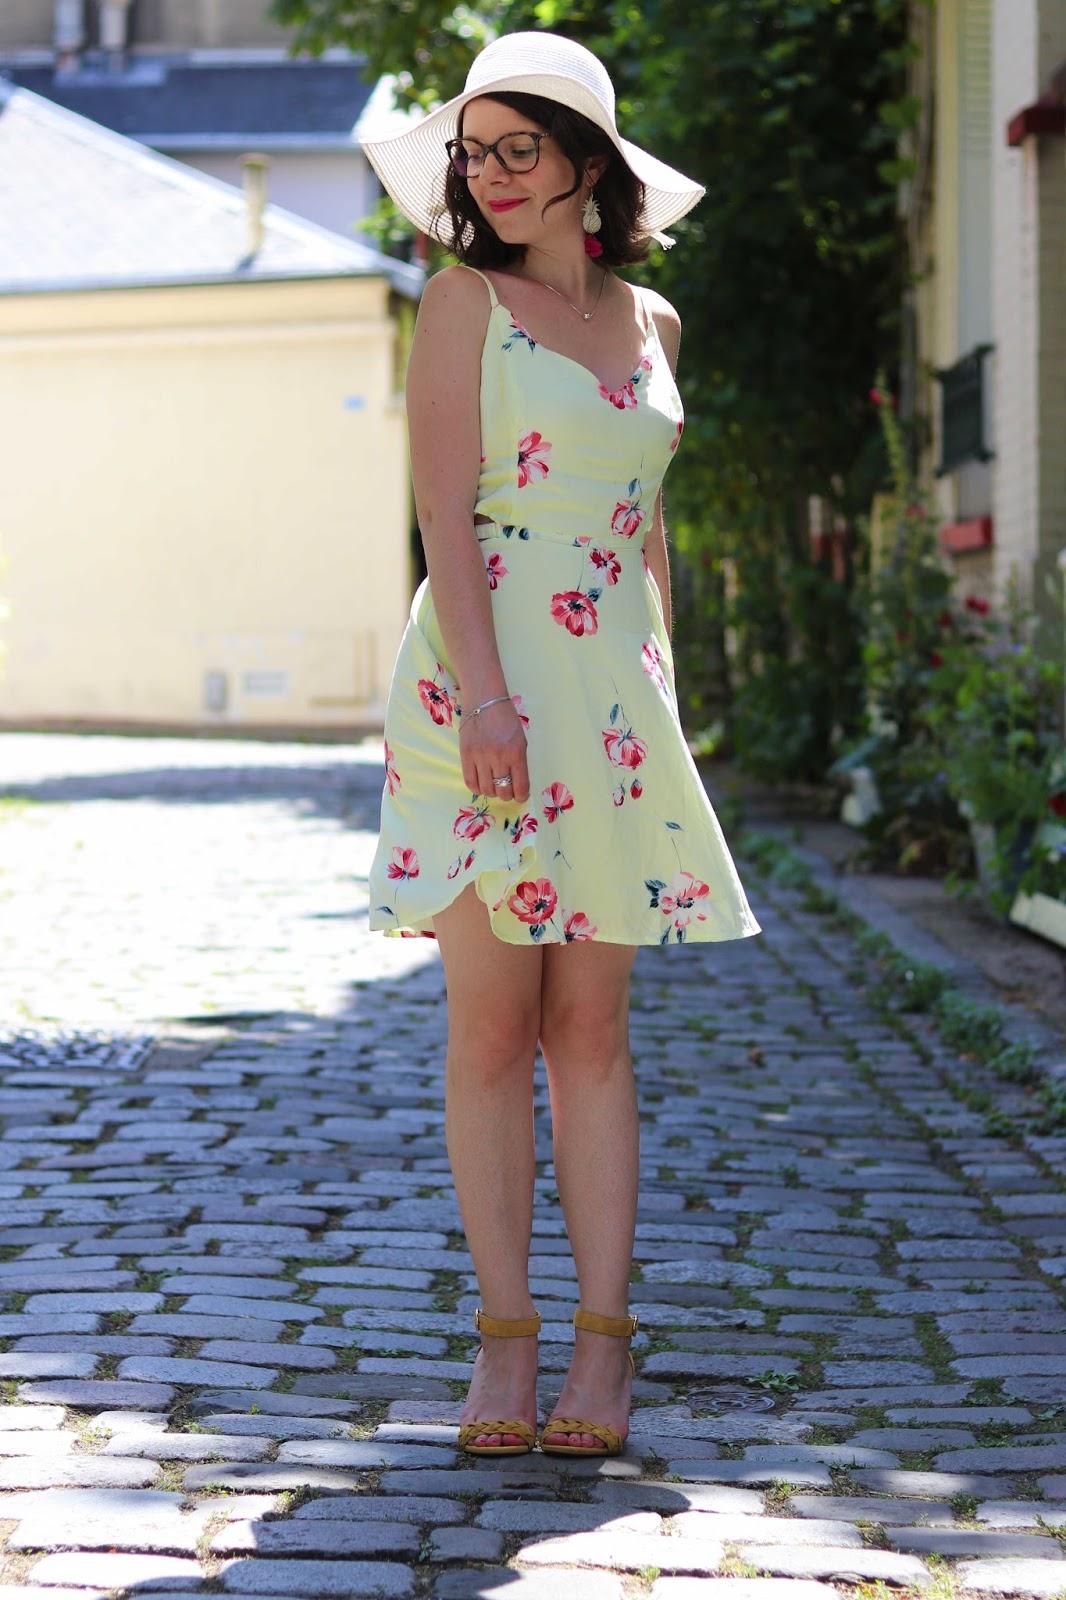 look mode les gommettes de melo gommette ambassadeurparly2 parly2 hollister 123 soldes poupee rousse robe été sélection mariage idee tenue bapteme plage jaune fleurs